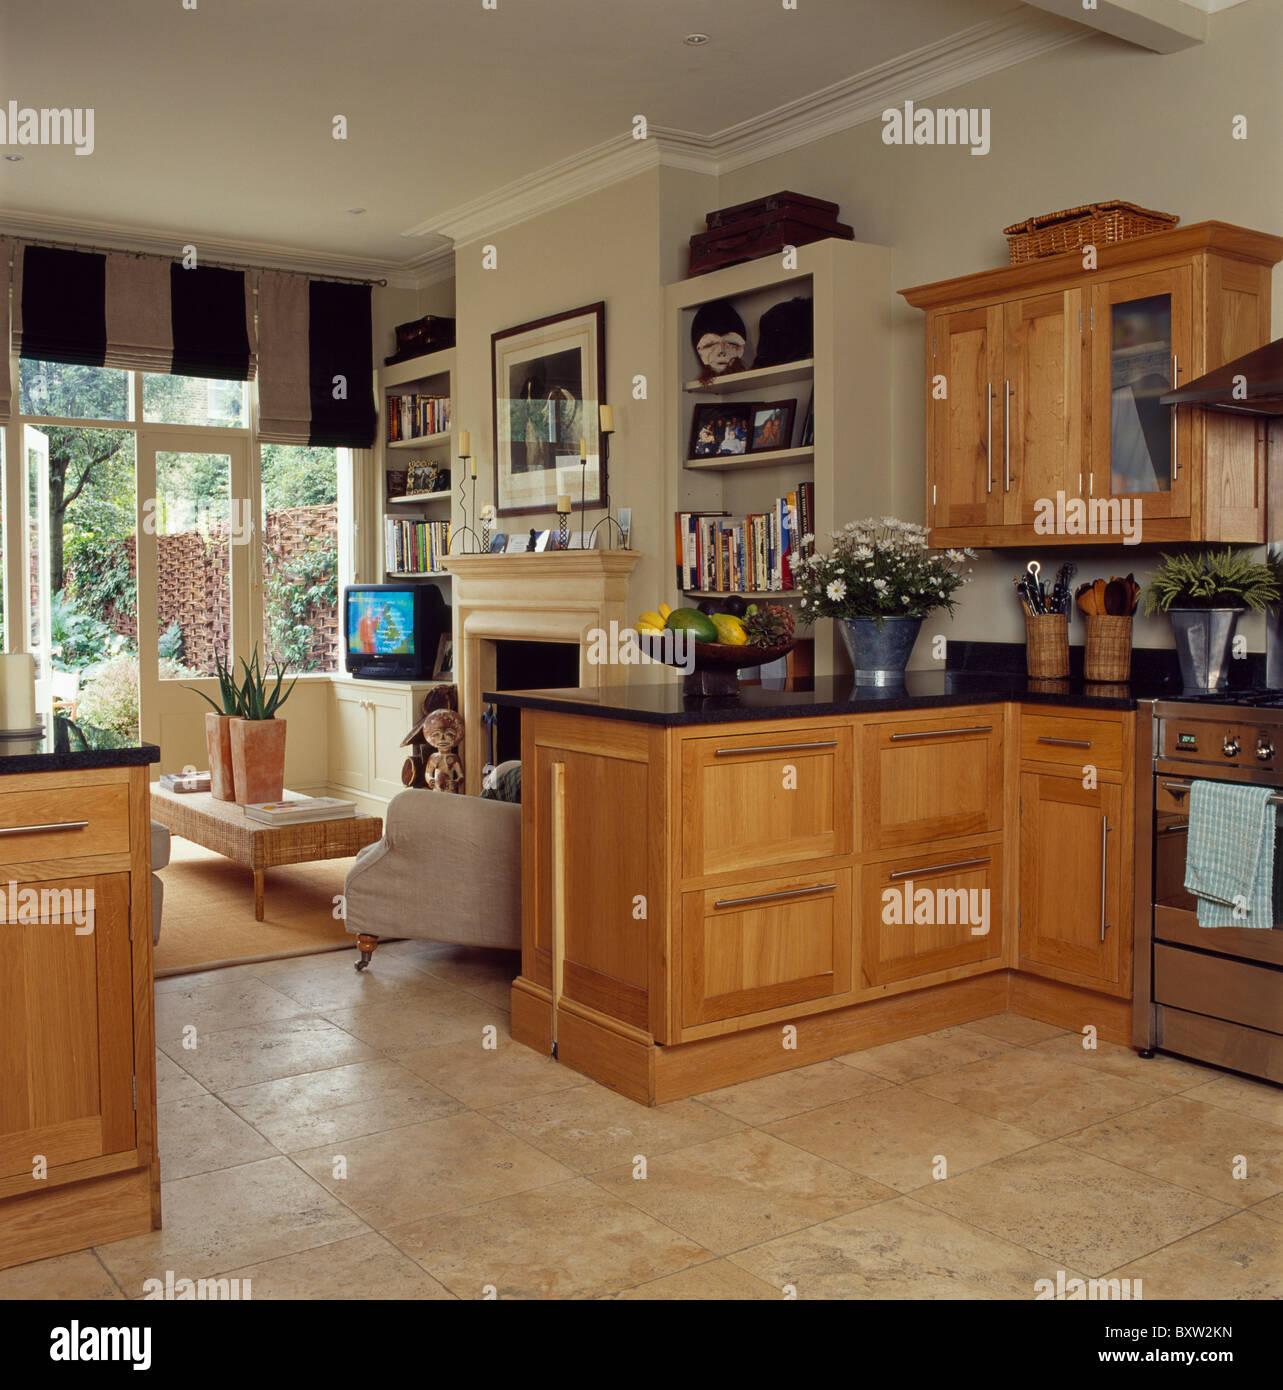 Kalkstein Bodenbelag und blasse Holz Einheiten in die offene Kche und Wohnzimmer mit Schwarz